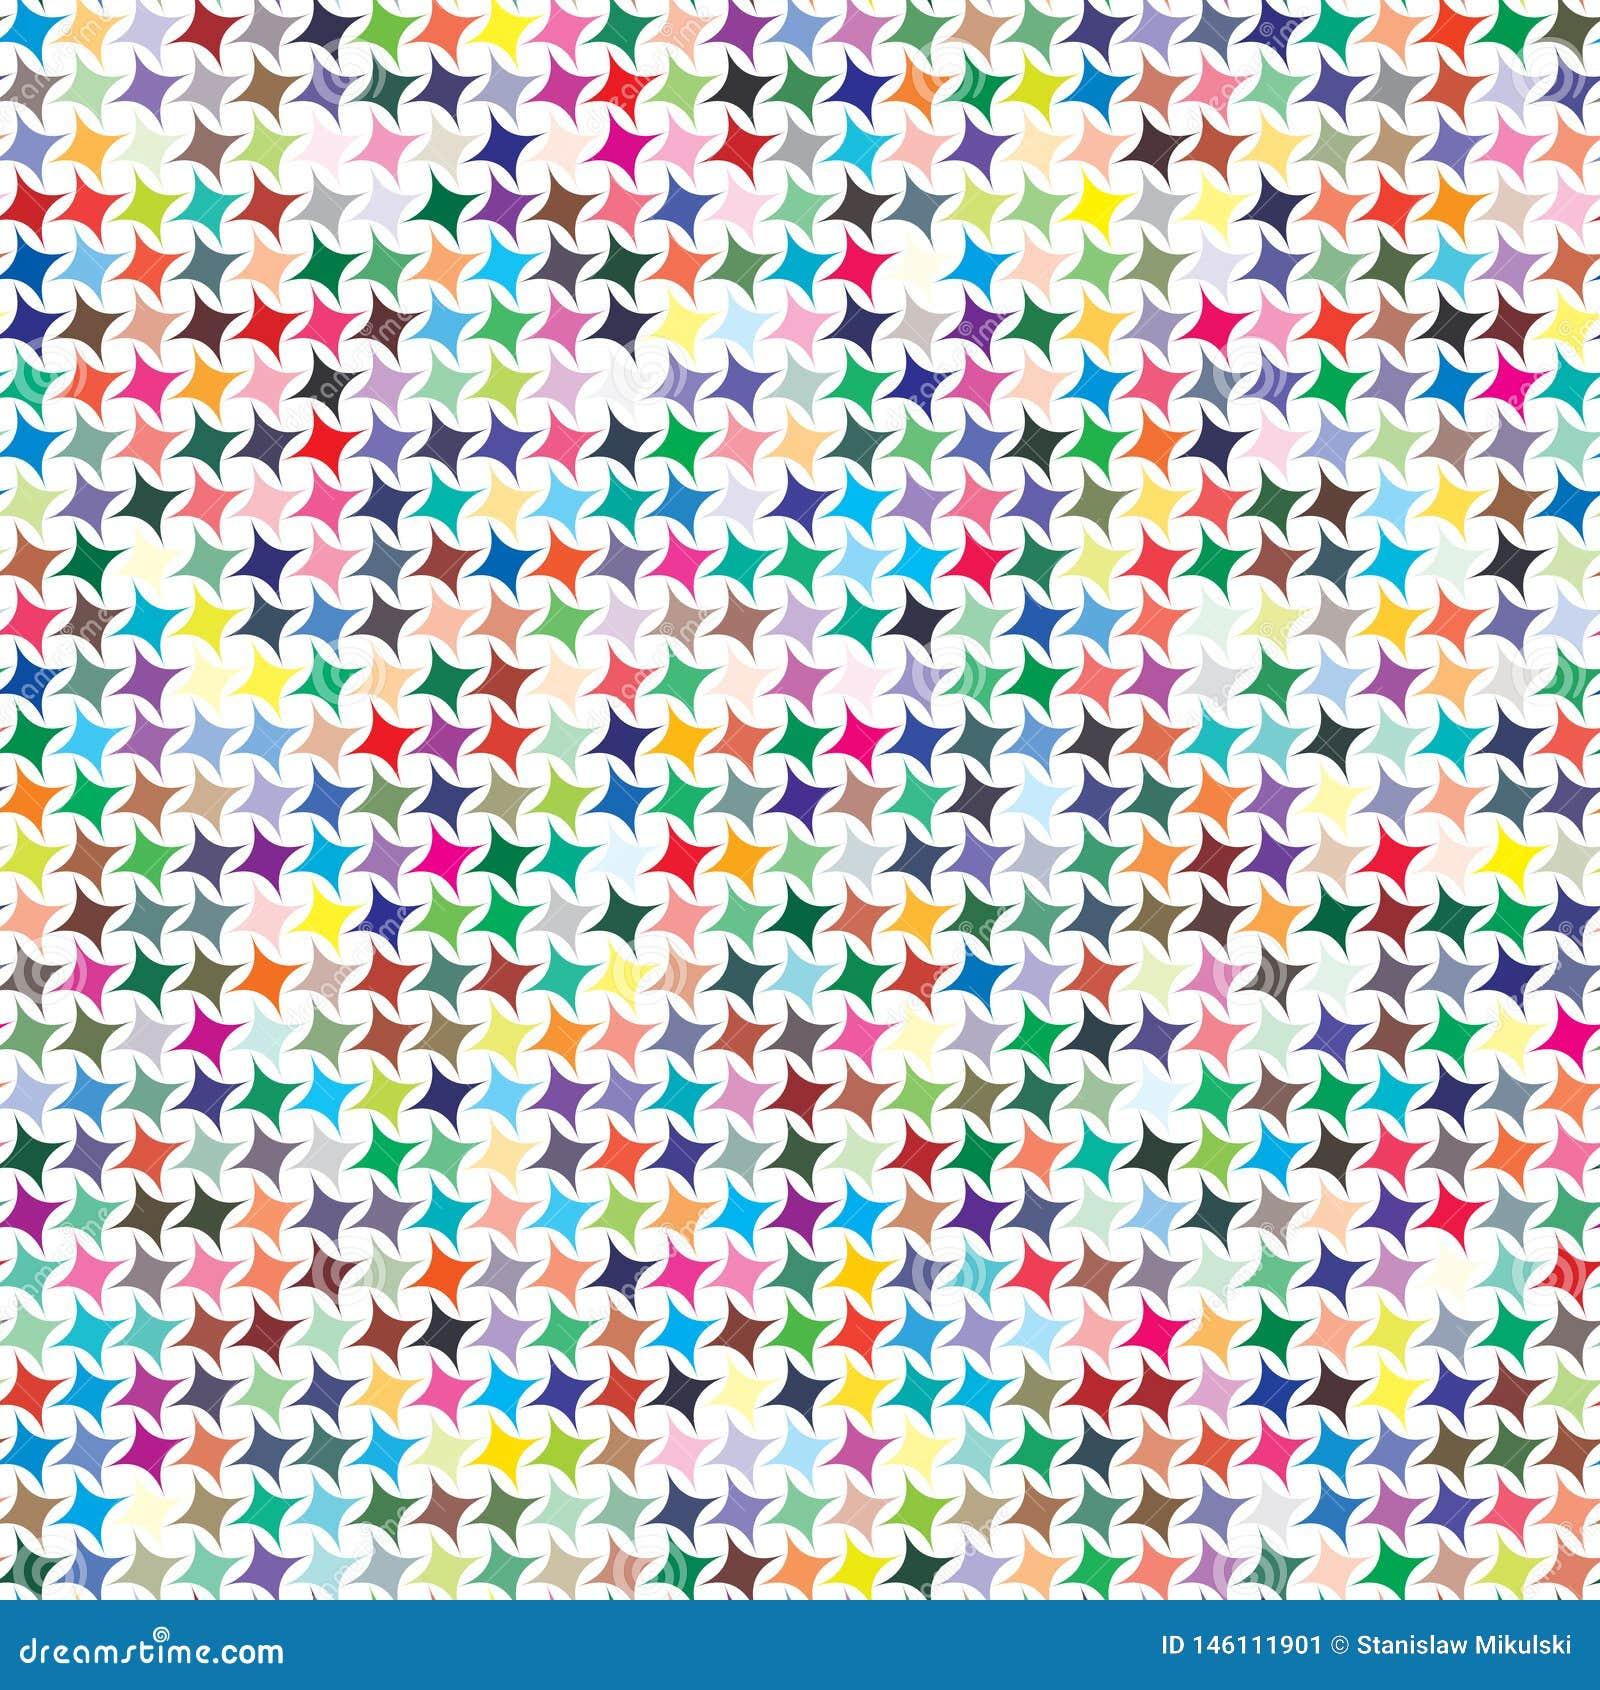 Wektorowa kolor paleta 729 różnych kolorów w kształtach wskazywać gwiazdy